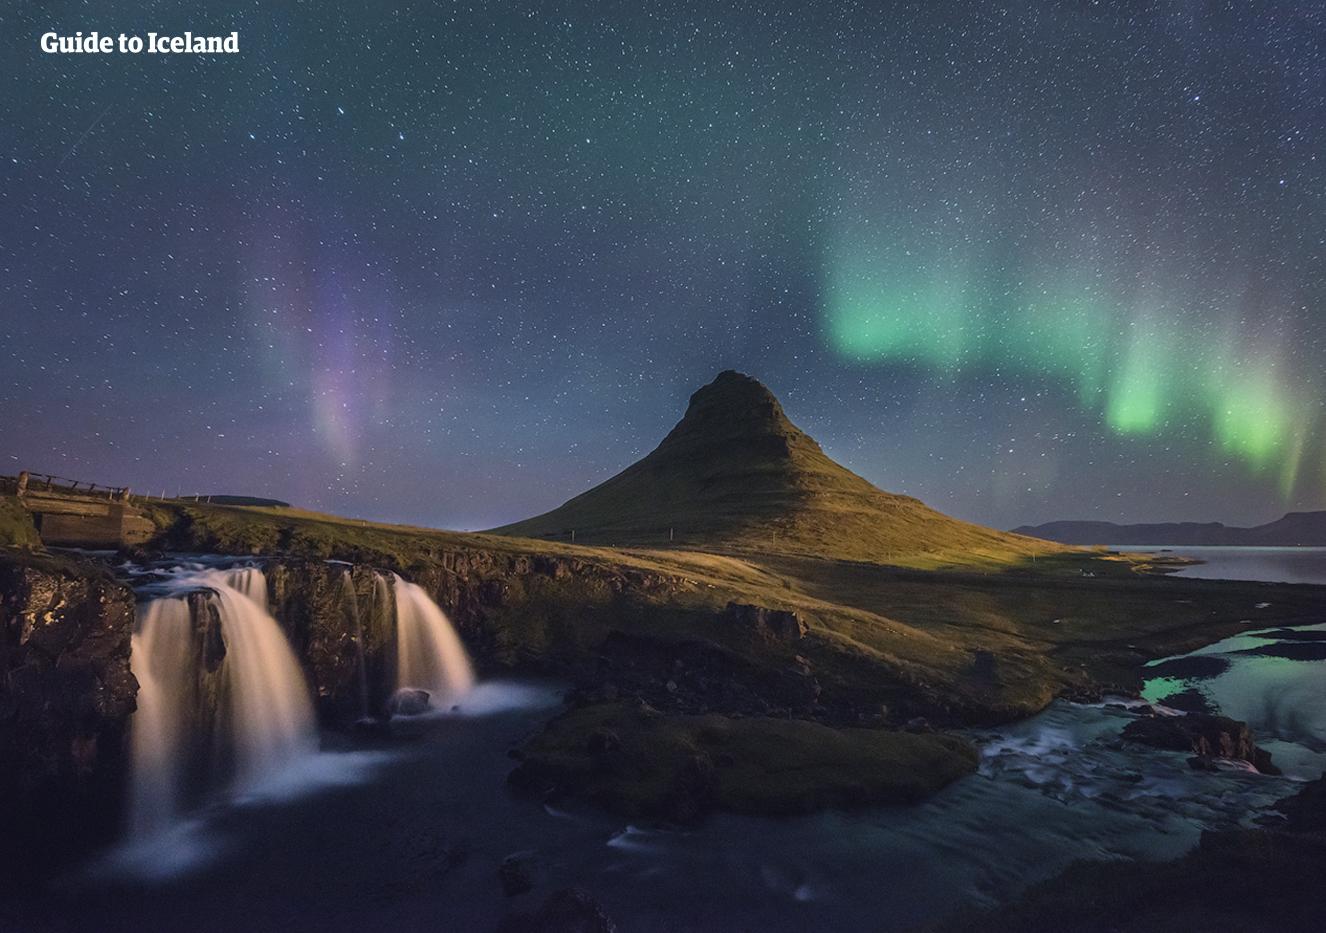 La montaña cónica Kirkjufell se encuentra en la península de Snæfellsnes.